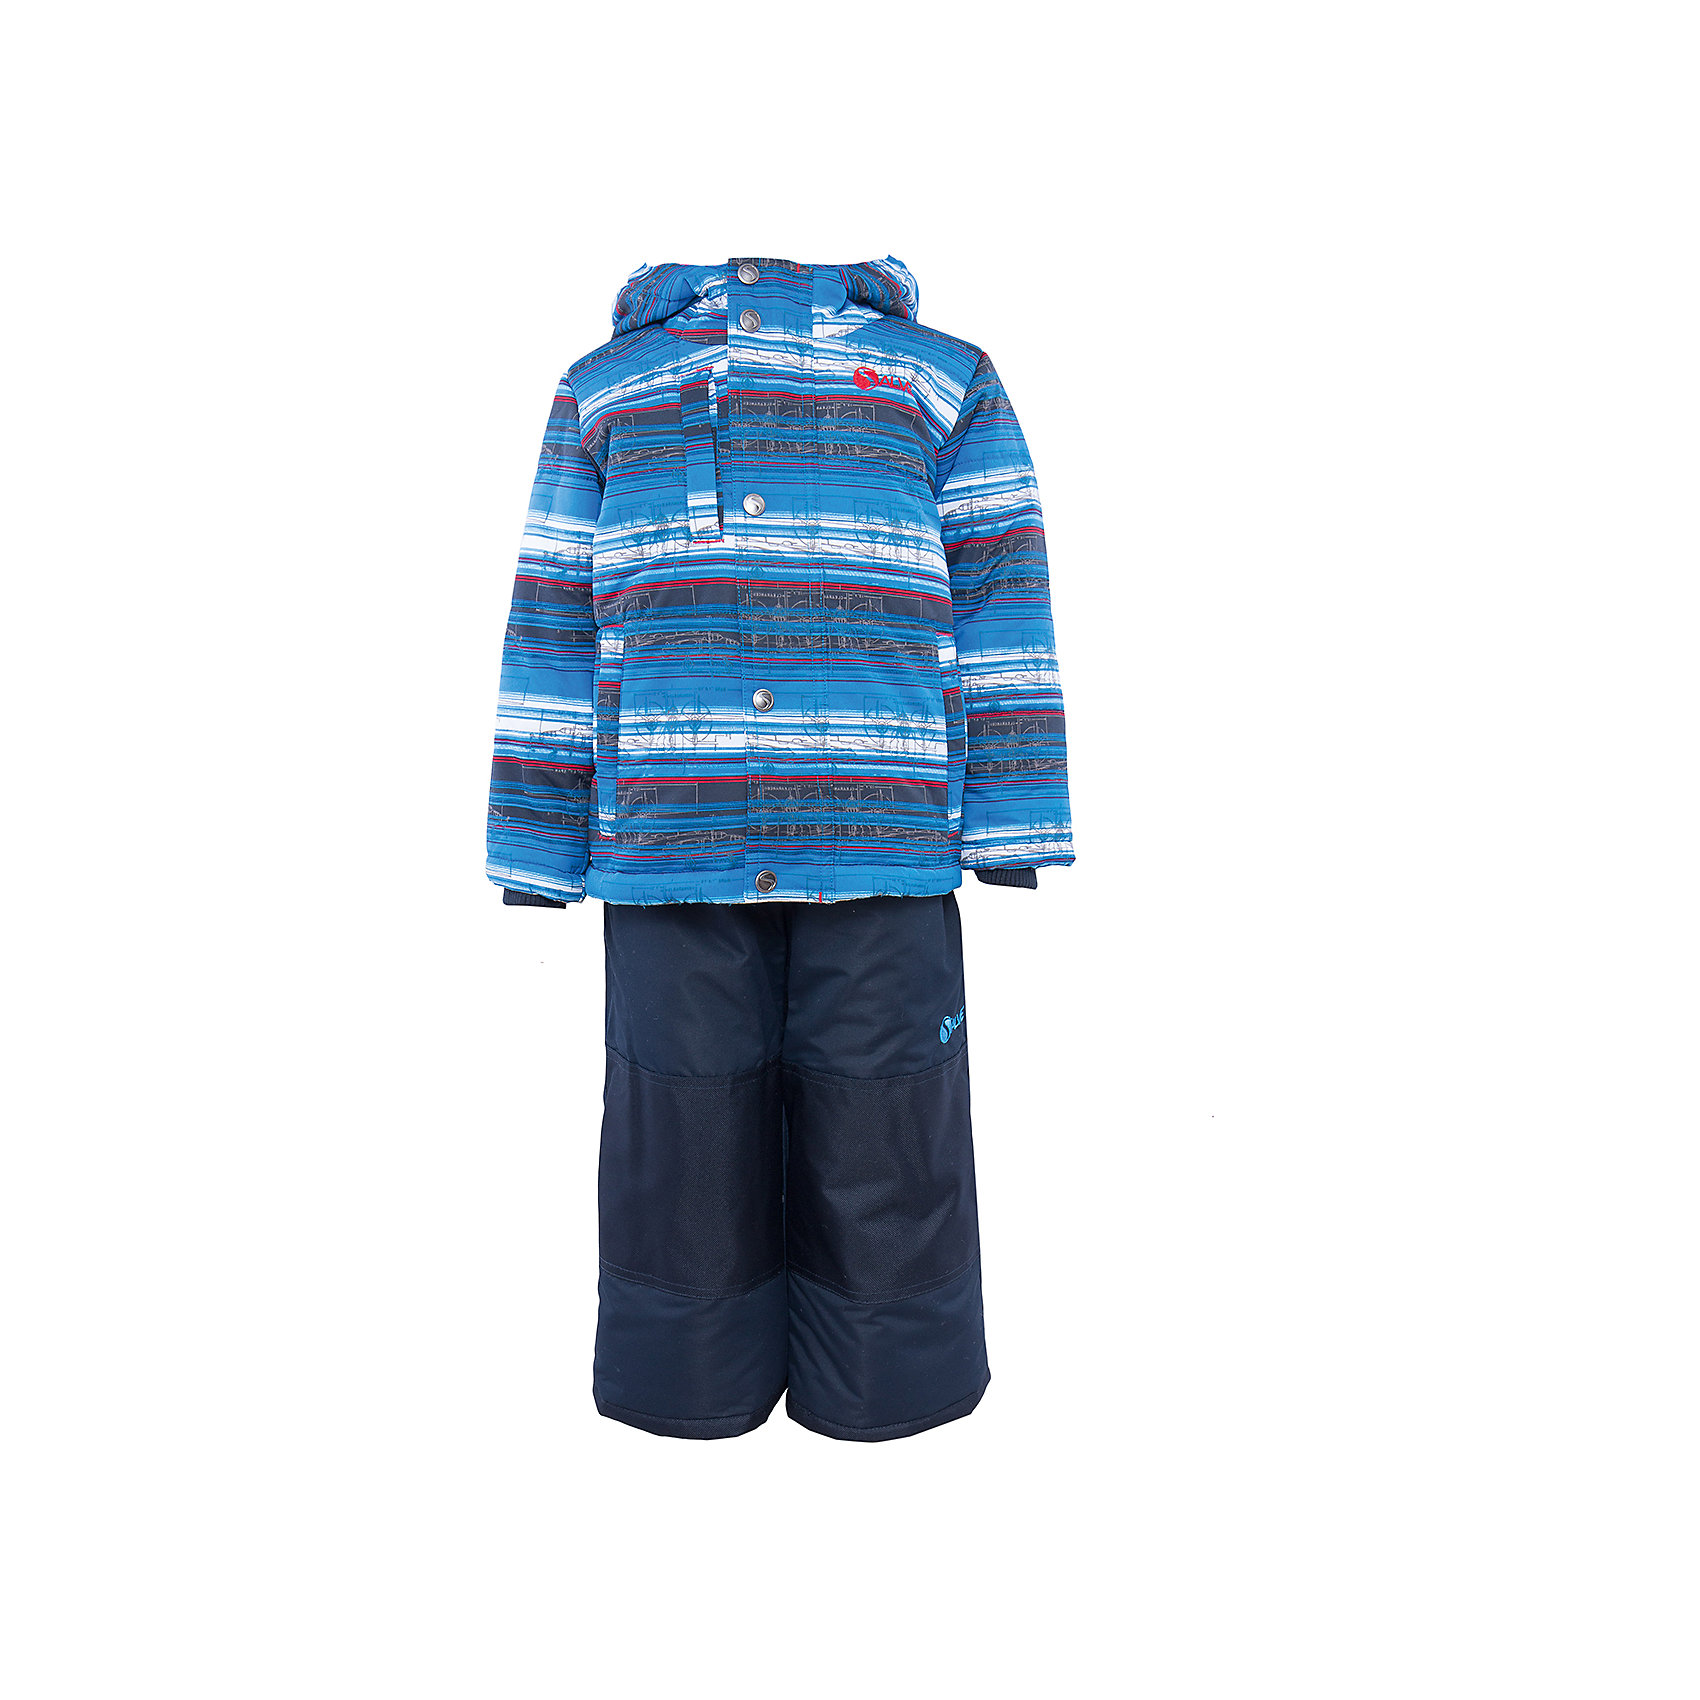 Комплект: куртка и полукомбинезон для мальчика SalveХарактеристики:<br><br>• Сезон: зима<br>• Степень утепления: высокая (куртка – 330 гр/м.кв.; полукомбинезон – 200 гр/м.кв.)<br>• Температурный режим*: от 0 до -30 градусов<br>• Пол: для мальчика<br>• Цвет: синий, голубой, красный<br>• Материал: полиэстер 100%<br>• Комплектация: куртка, полукомбинезон<br>• Наличие снегозащитной юбки<br>• Тип застежки: молния, кнопки<br>• Манжеты на куртке: эластичные, трикотажные<br>• Капюшон: не отстегивается<br>• Регулируемые лямки у полукомбинезона<br>• Карманы: 2 боковых  и 1 на груди у куртки  <br>• Уход: допускается стирка без чистящих и отбеливающих средств<br><br>Бренд Salve разработан и произведён канадской компанией Gusti International специально для российского рынка.<br><br>Комплект: куртка и полукомбинезон для мальчика Salve предназначен для прогулок в самое холодное время года. Изделие обеспечено высокой степенью утепления. Верхняя часть  комплекта выполнена из полиэстера, который обладает ветрозащитными и влагонепропускаемыми свойствами. Подклад на куртке выполнен из флиса. Для обеспечения поддержания микроклимата имеются эластичные трикотажных манжеты на рукавах куртки и резинки на брюках. Изделие выполнено из прочной ткани, имеется усиление на коленях, по низу полукомбинезона и сзади. Крой комплекта выполнен с учетом повышенной подвижности ребенка во время зимних прогулок: расширенные брючины не сковывают движений. <br>Комплект: куртка и полукомбинезон для мальчика Salve выполнен в ярком дизайне: полосатая голубая куртка с графическими элементами и полукомбинезон в классическом темном цвете.<br><br>Комплект: куртку и полукомбинезон для мальчика Salve можно купить в нашем интернет-магазине.<br><br>Ширина мм: 356<br>Глубина мм: 10<br>Высота мм: 245<br>Вес г: 519<br>Цвет: синий<br>Возраст от месяцев: 48<br>Возраст до месяцев: 60<br>Пол: Мужской<br>Возраст: Детский<br>Размер: 110,98,128,122,116,104<br>SKU: 5044704